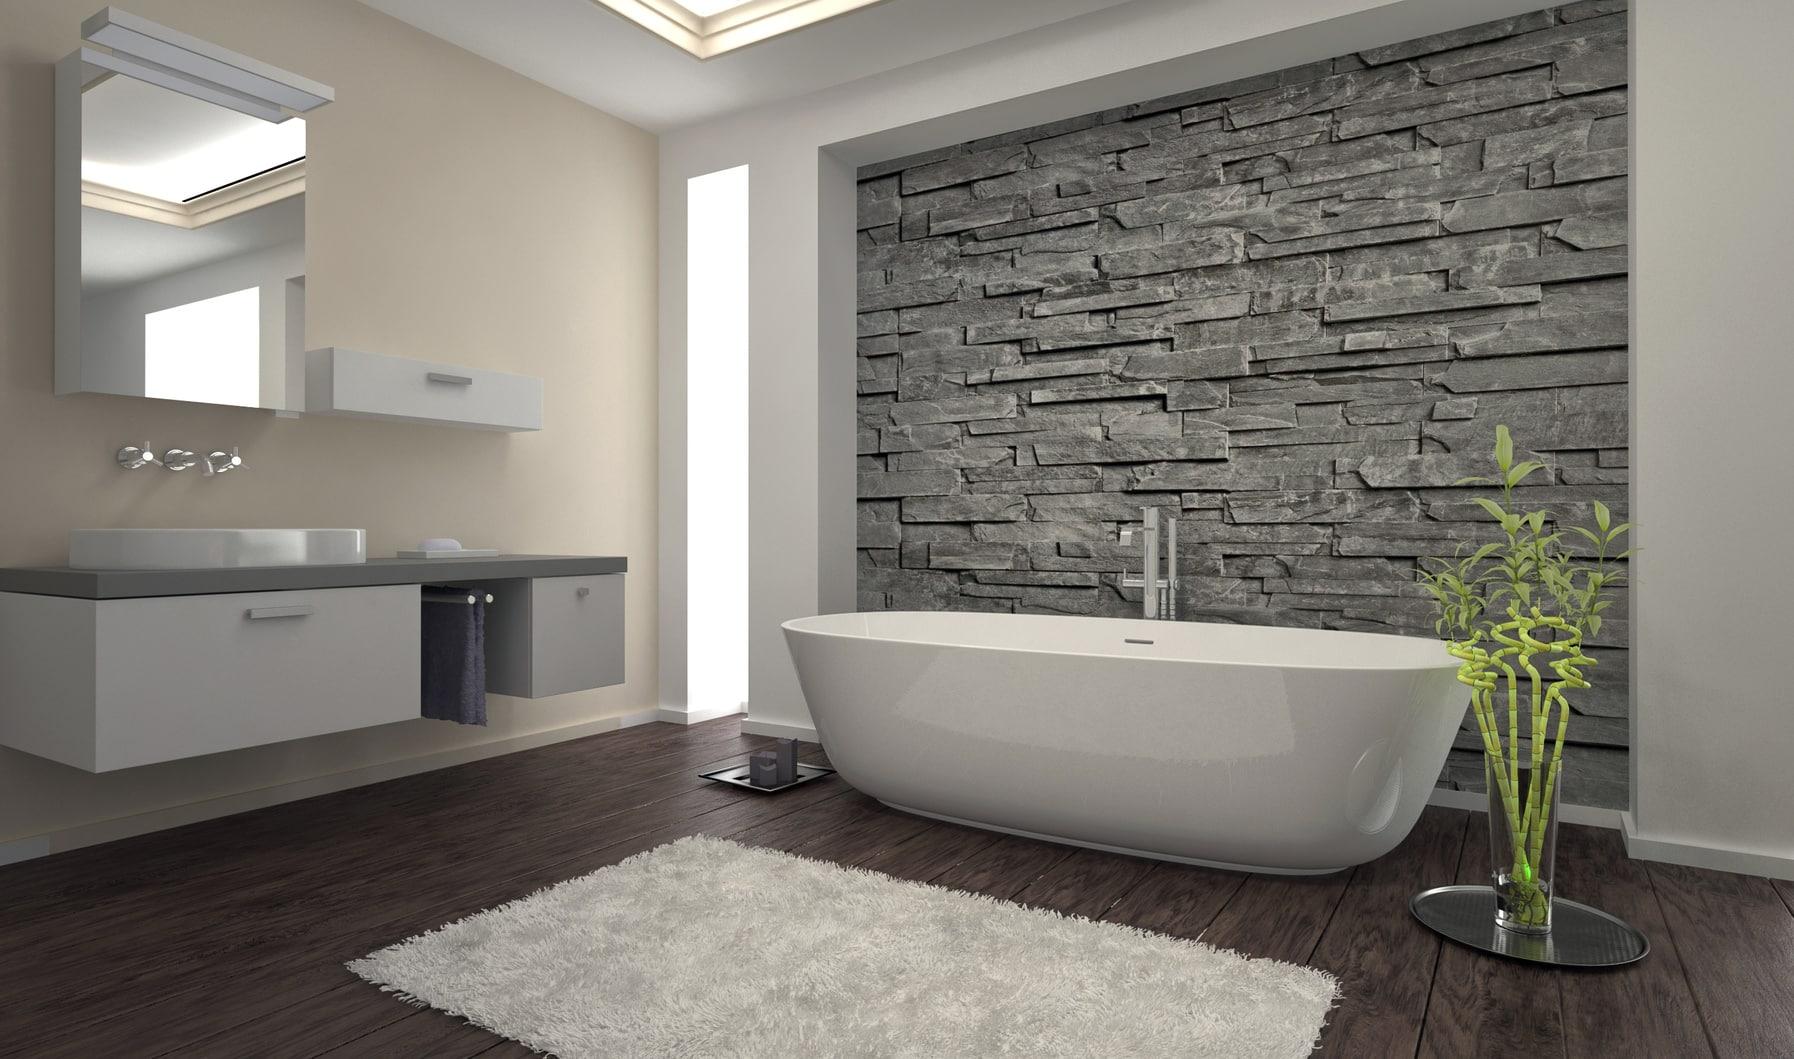 prix de pose d'une baignoire - Cout D Une Salle De Bain